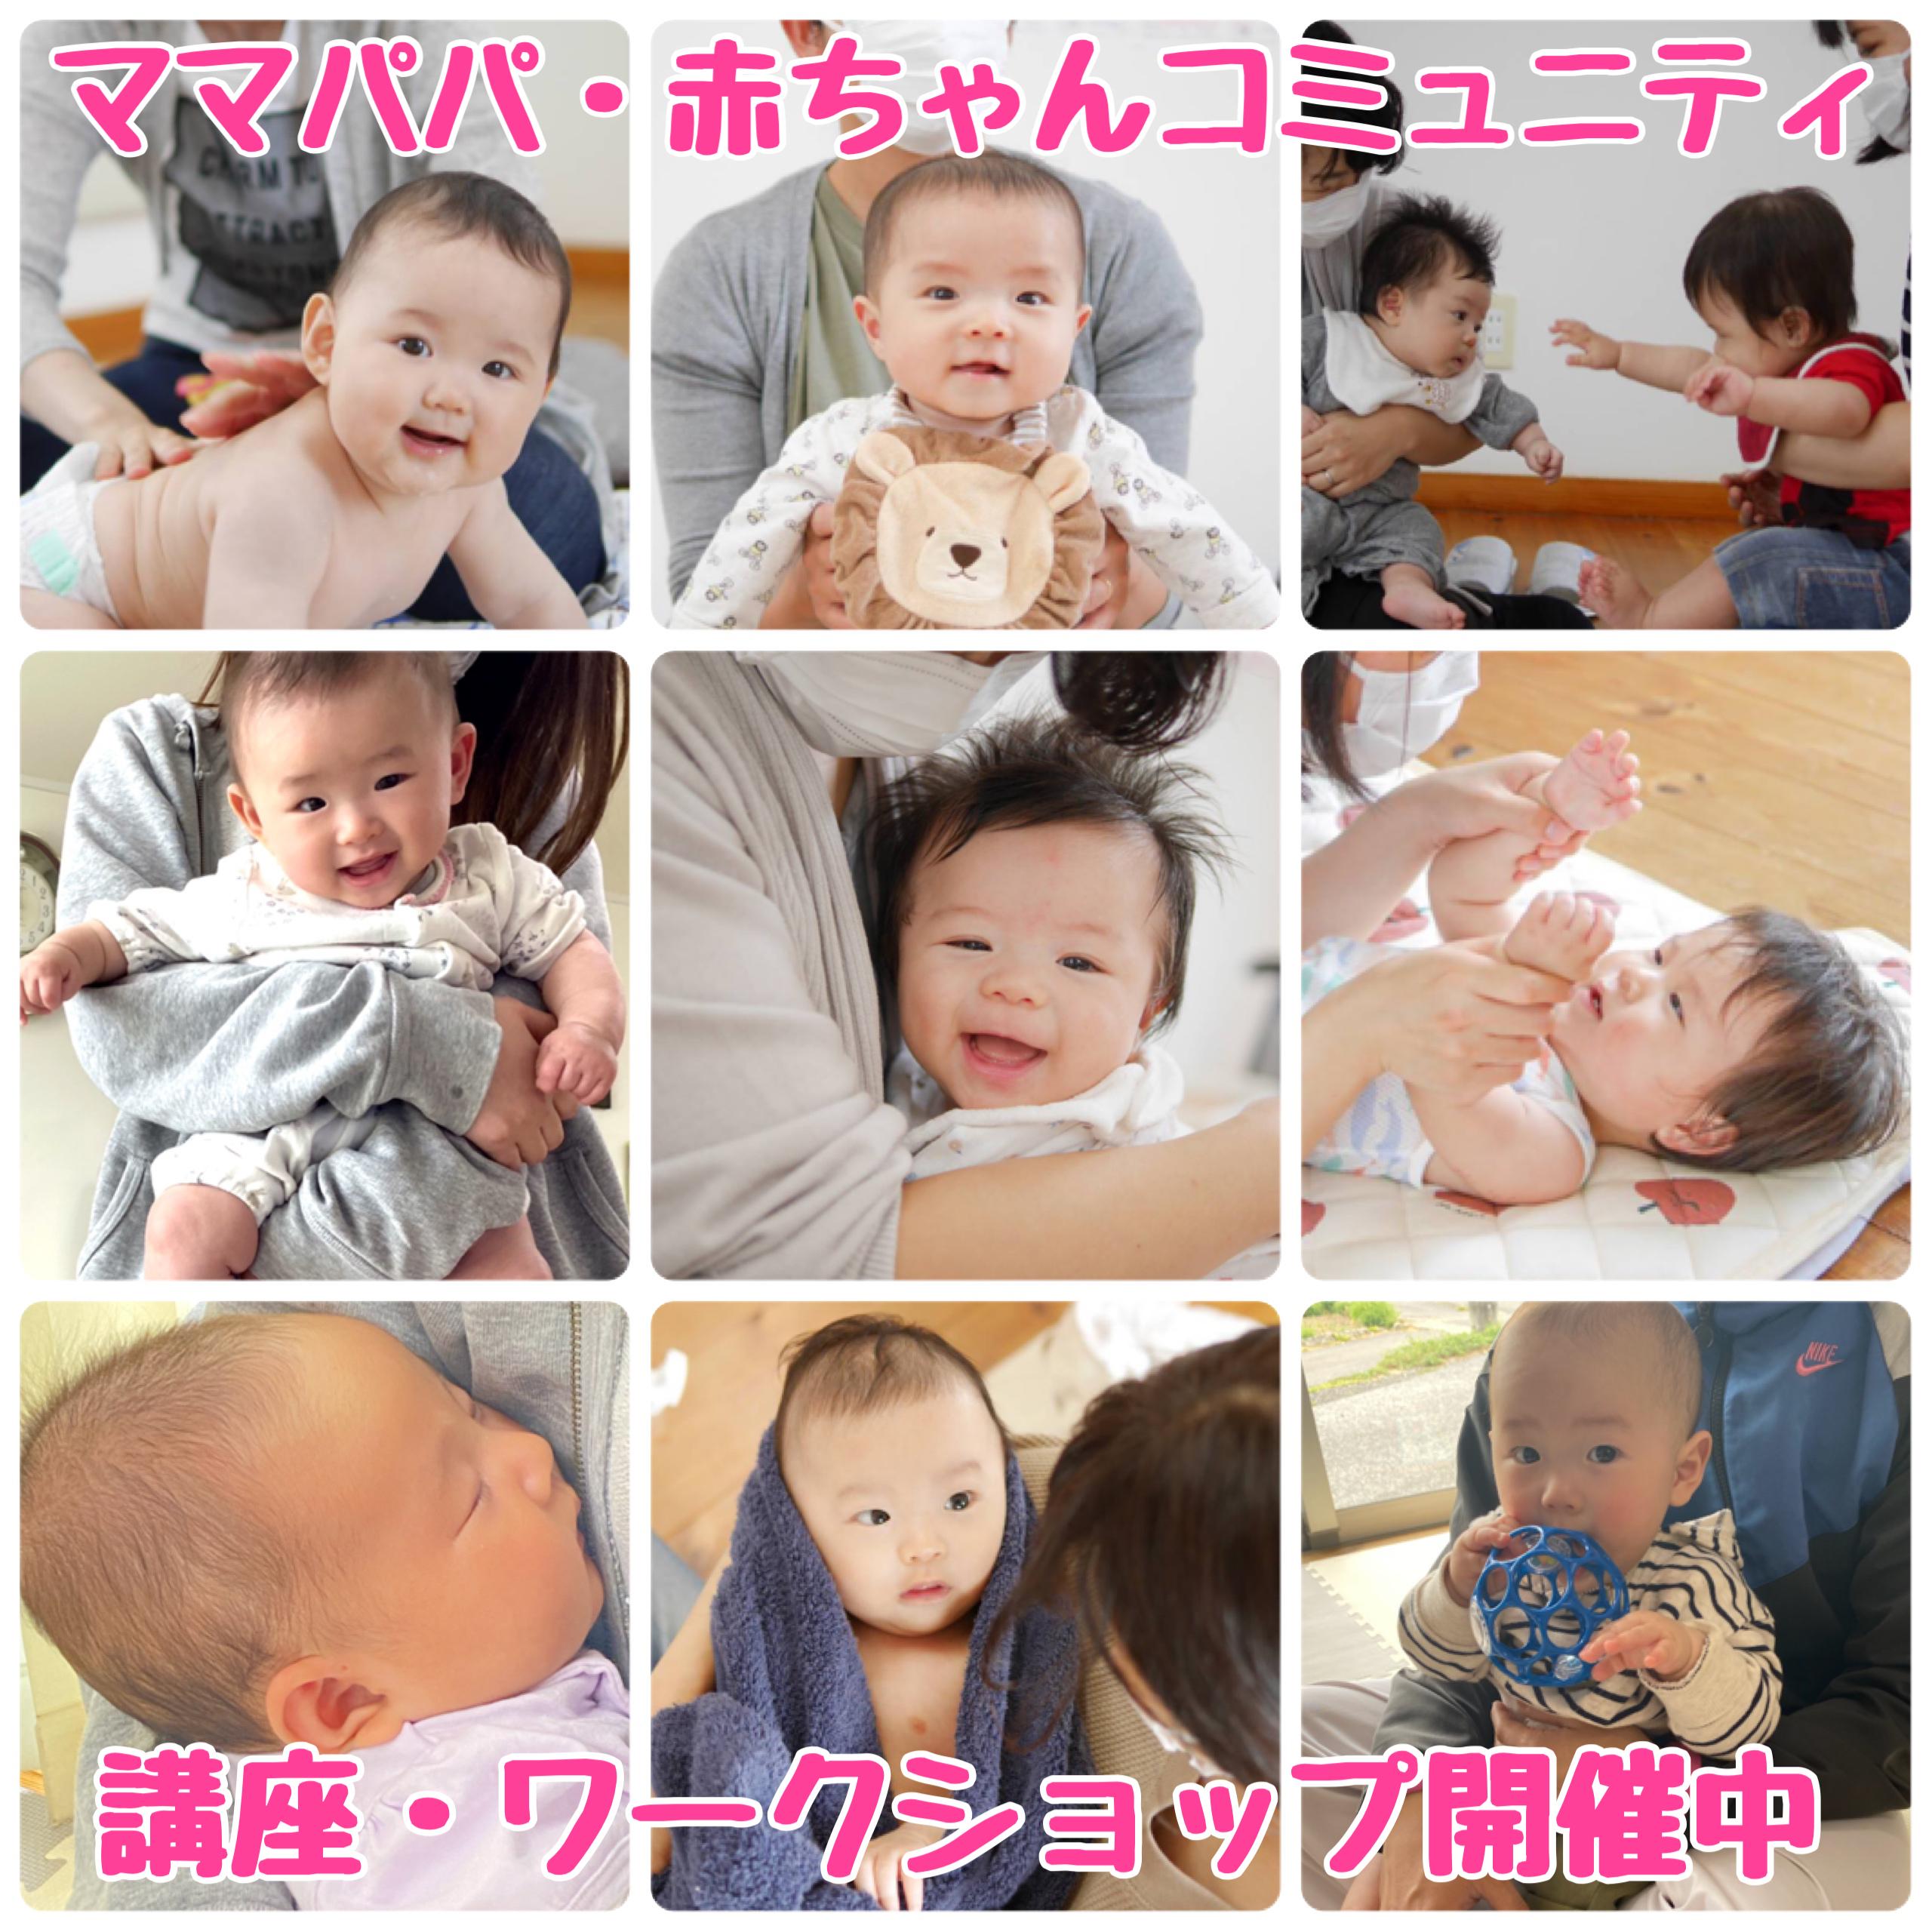 ママパパ赤ちゃんコミュニティ下野市のアバター画像